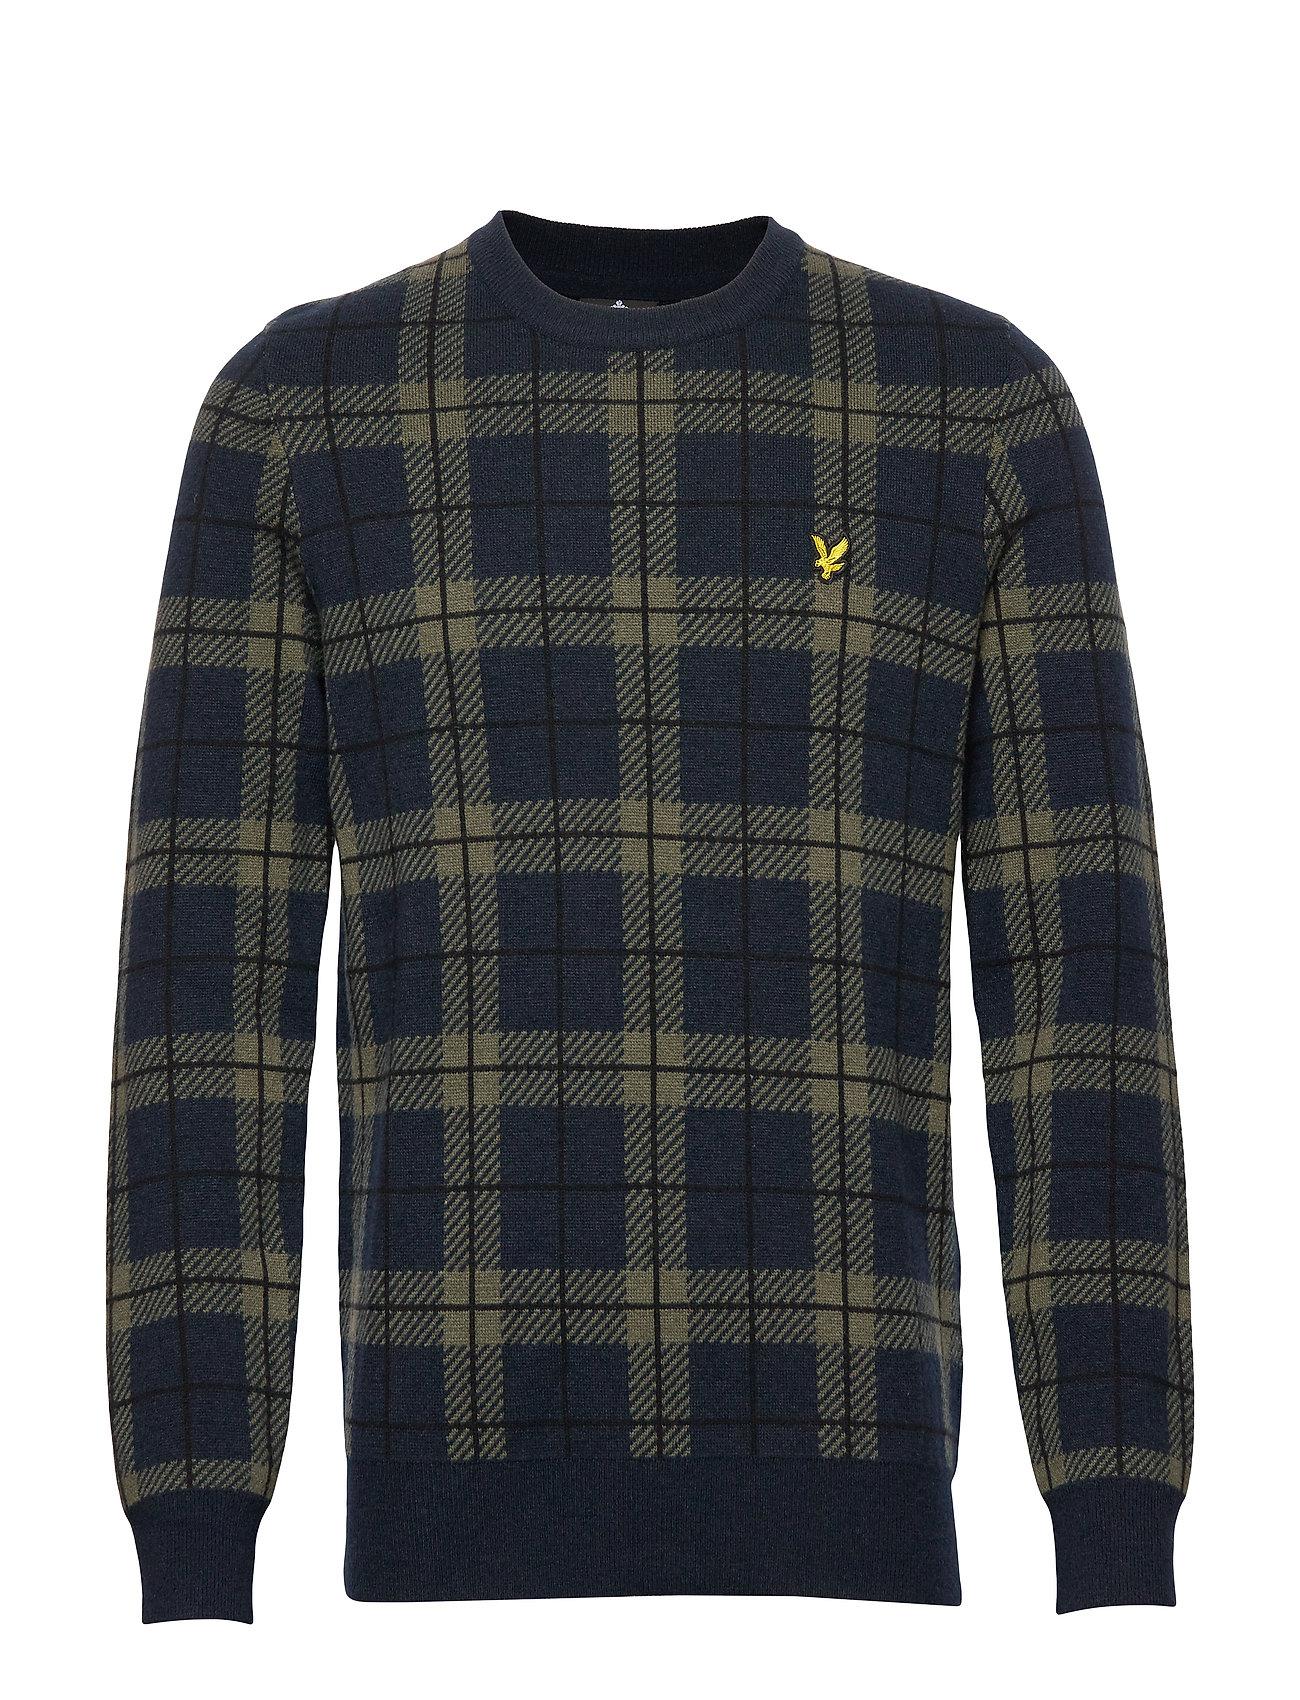 Lyle & Scott Check Knitted Jumper - DARK NAVY/OLIVE TARTAN